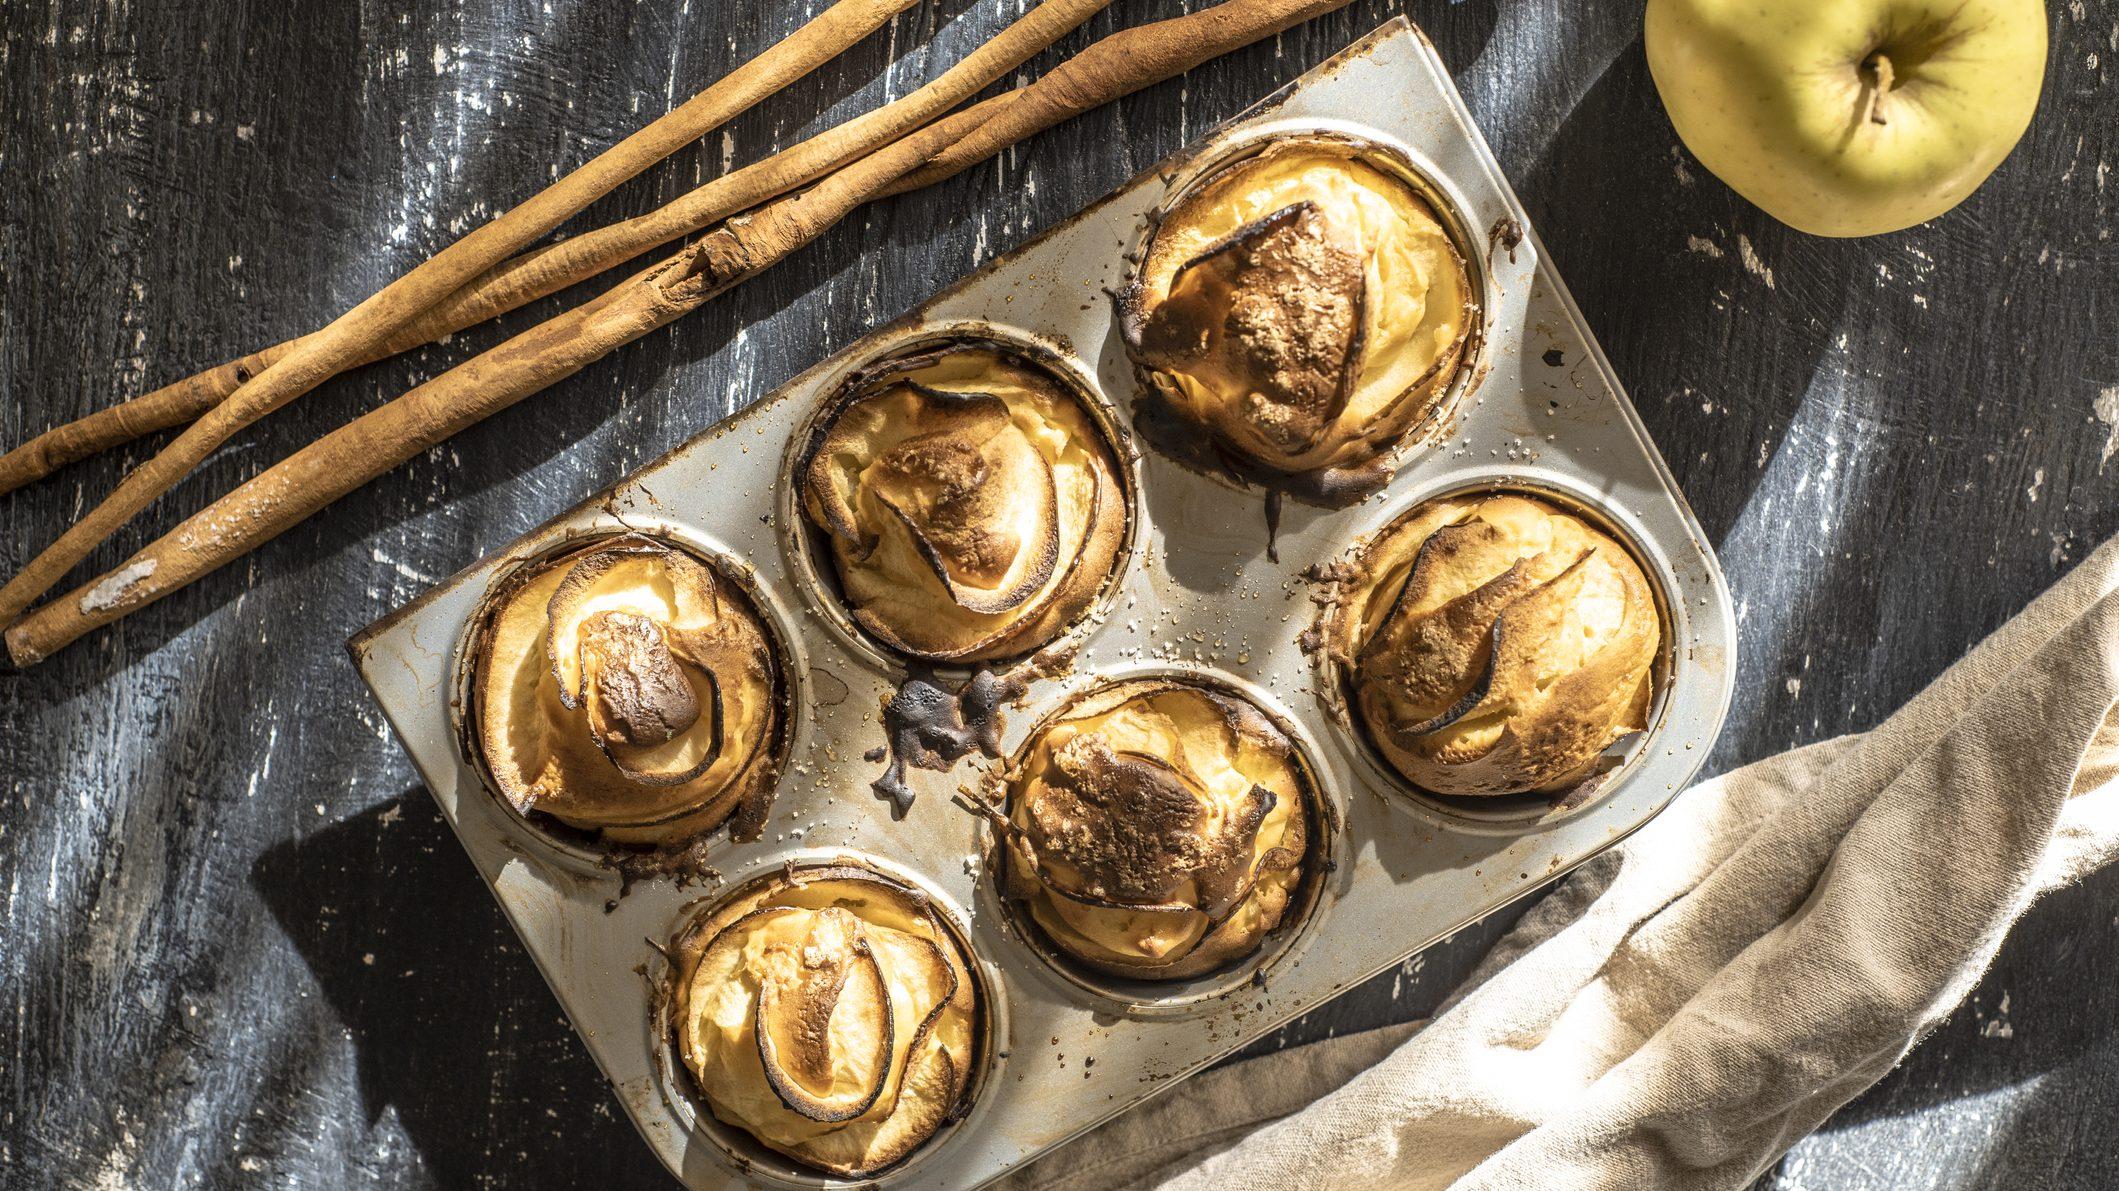 Auf einem dunklen Hintergrund ist eine Muffinform mit sechs saftigen Apfel-Muffins. Dabene liegen Zimtstangen und ein Apfel.